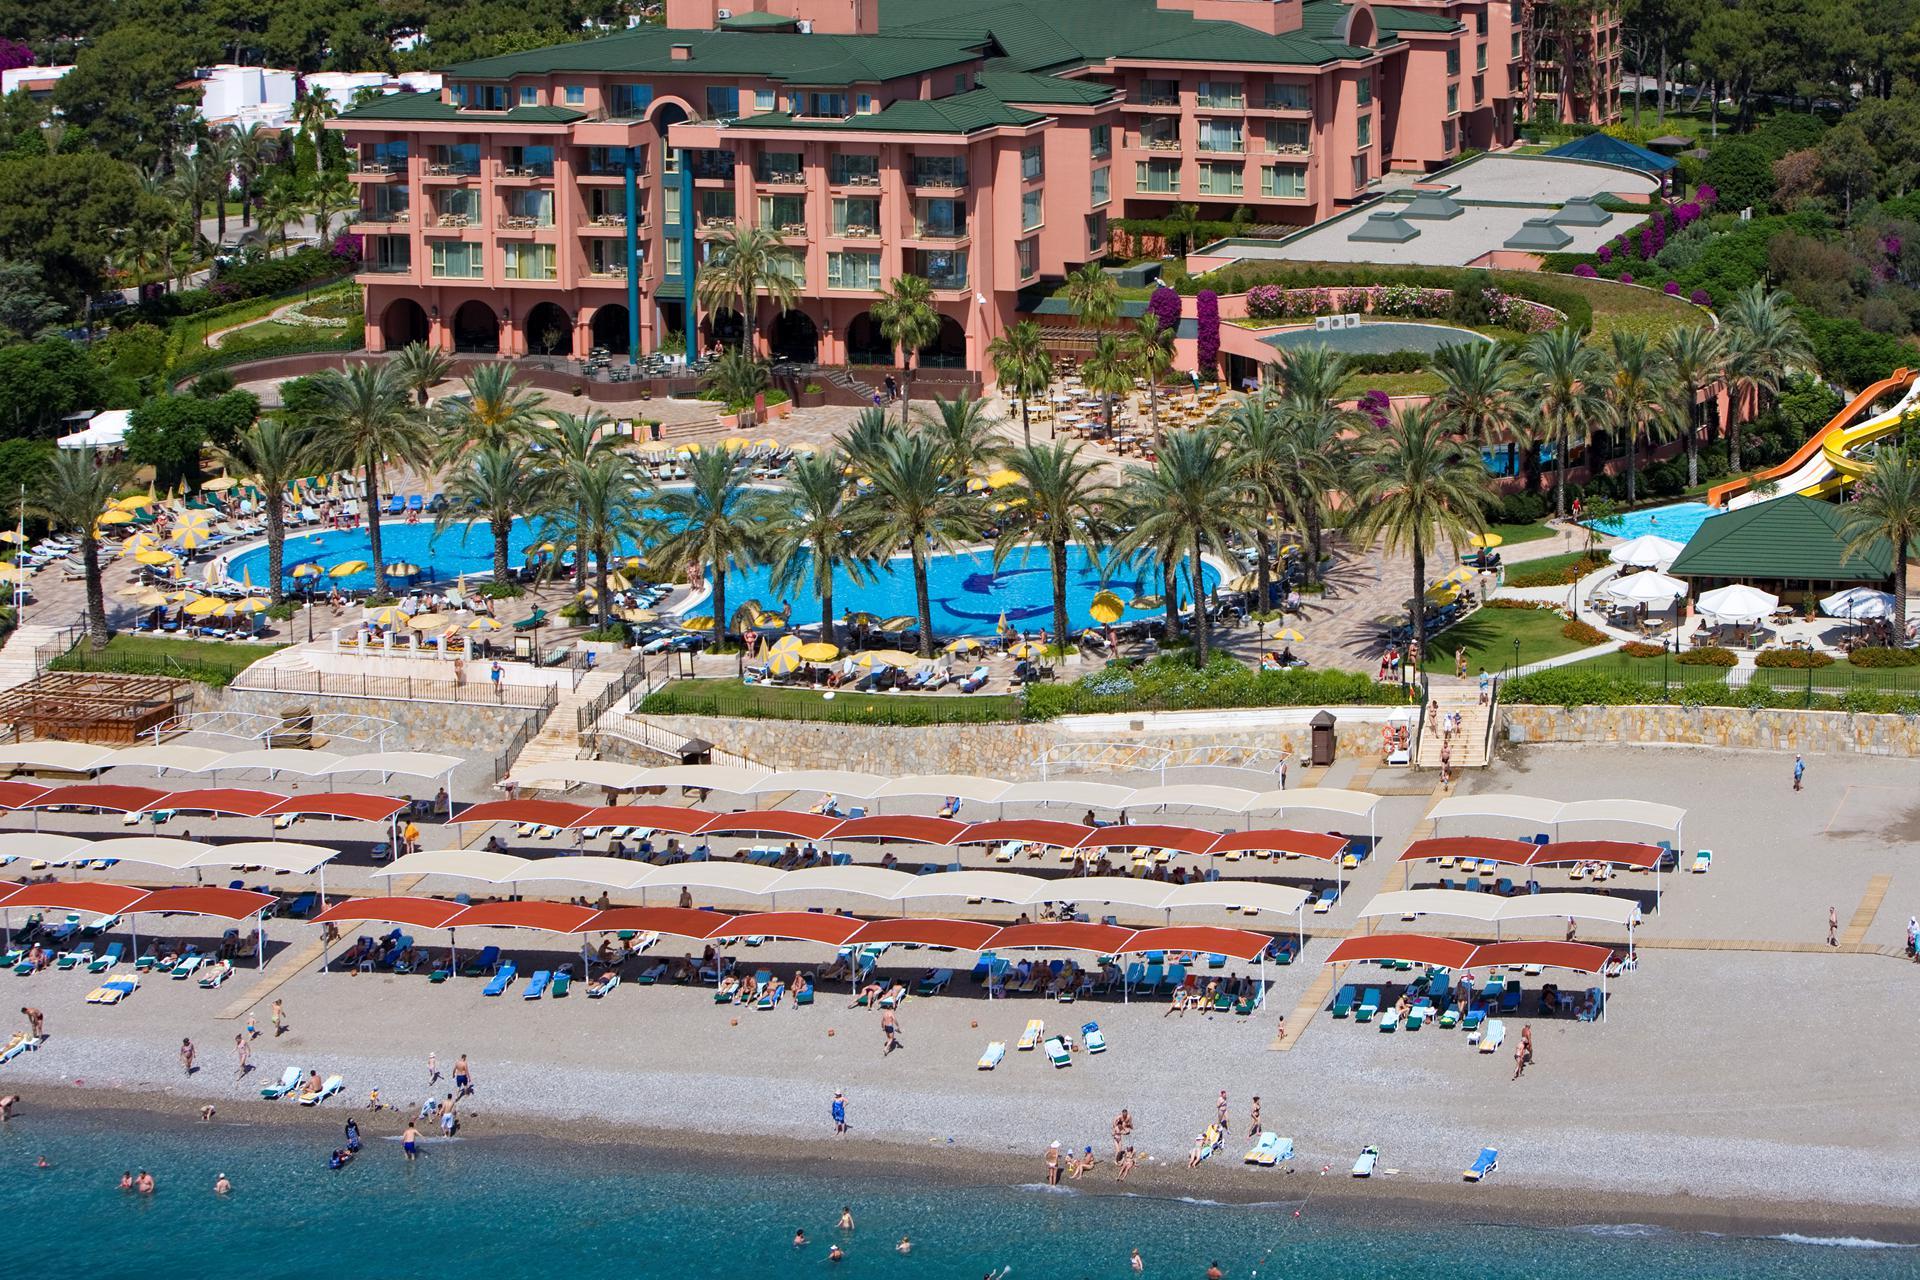 Hotel Fantasia De Luxe Kemer Turkische Riviera Turkei Sunweb